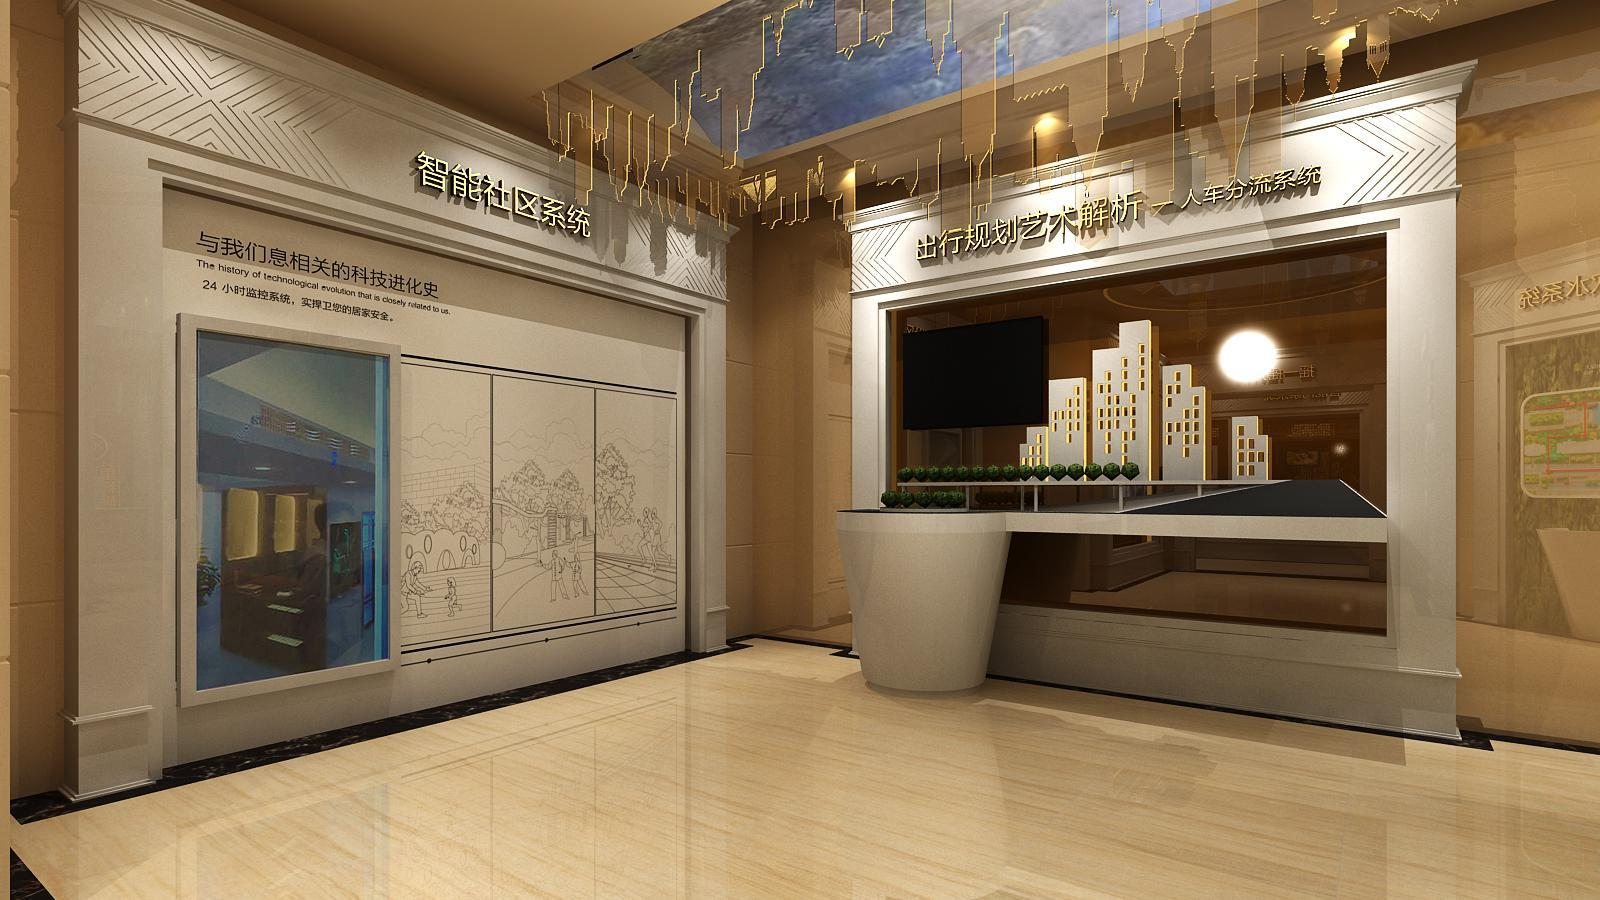 碧桂园新城体验馆设计方案之墙面造型设计2